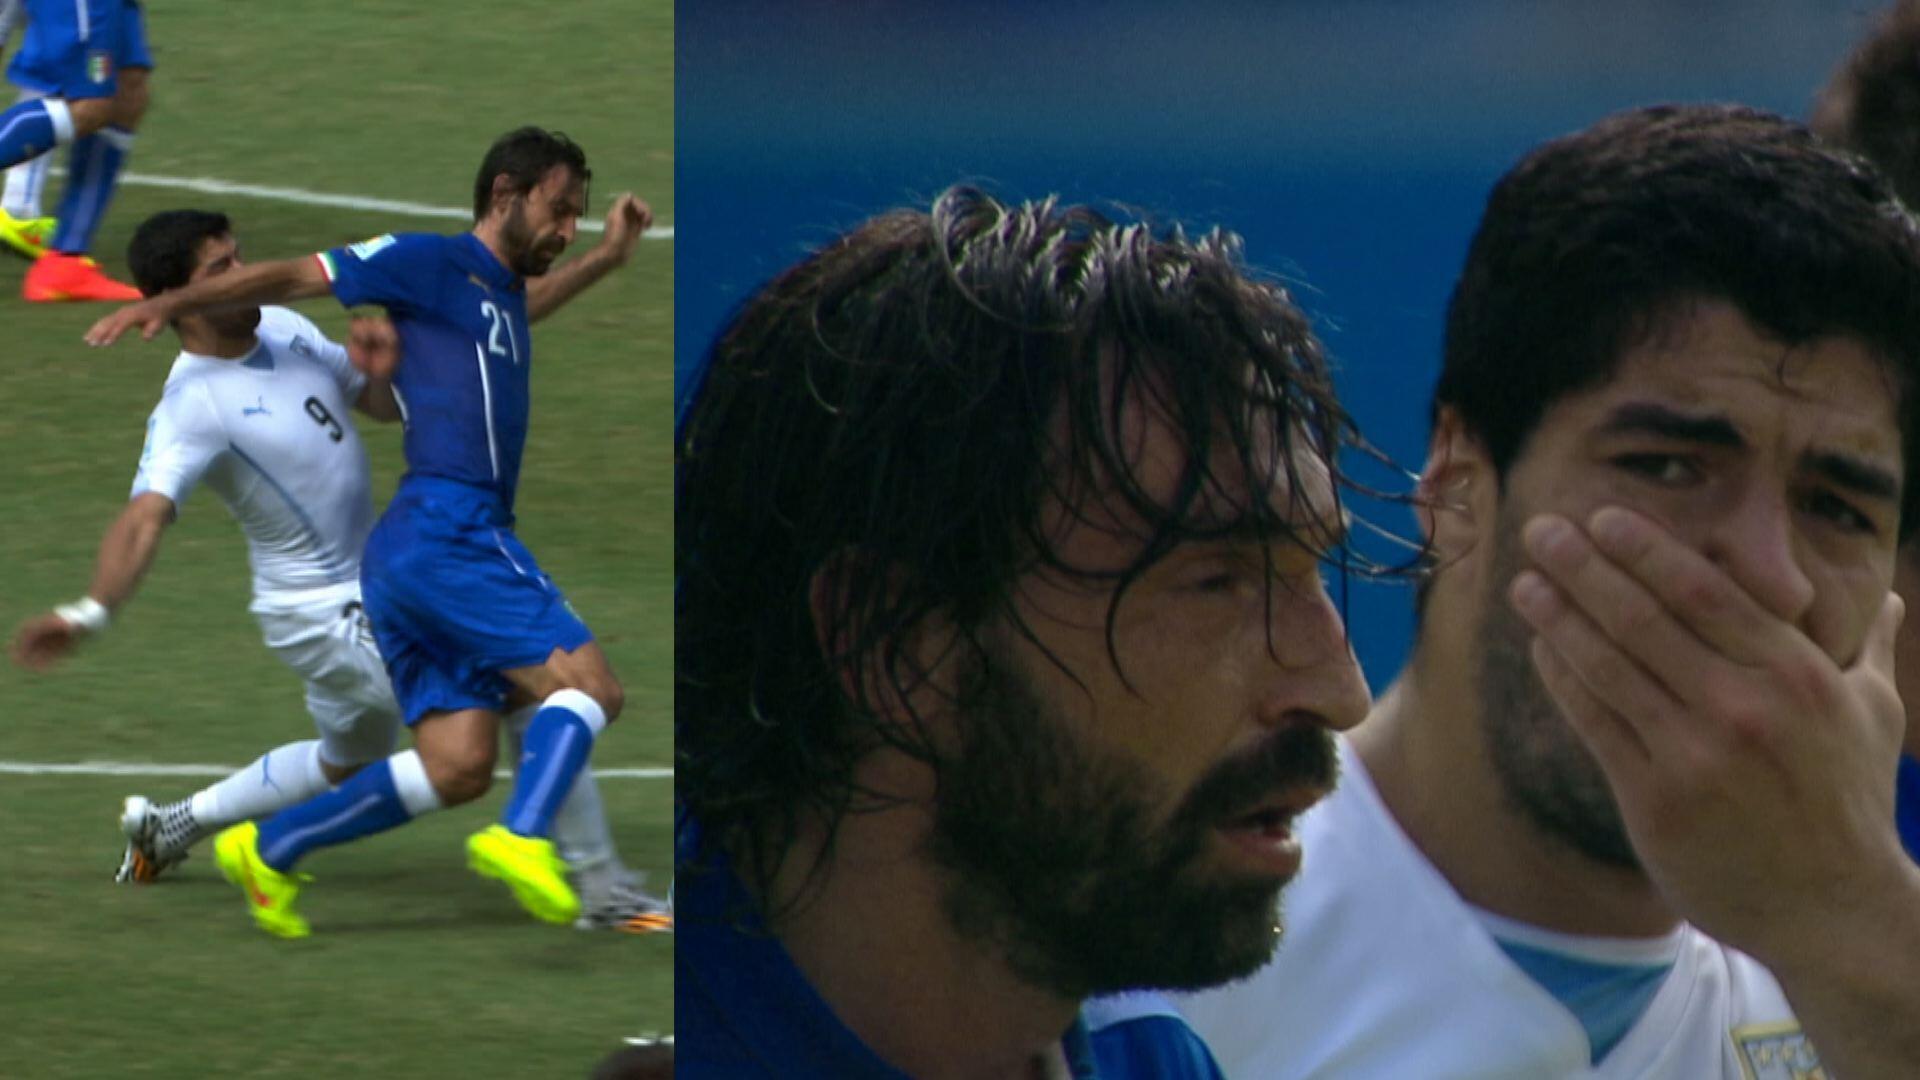 во втором матче встретятся сборные уругвая и коста-рики смотреть онлайн вдруг резкий